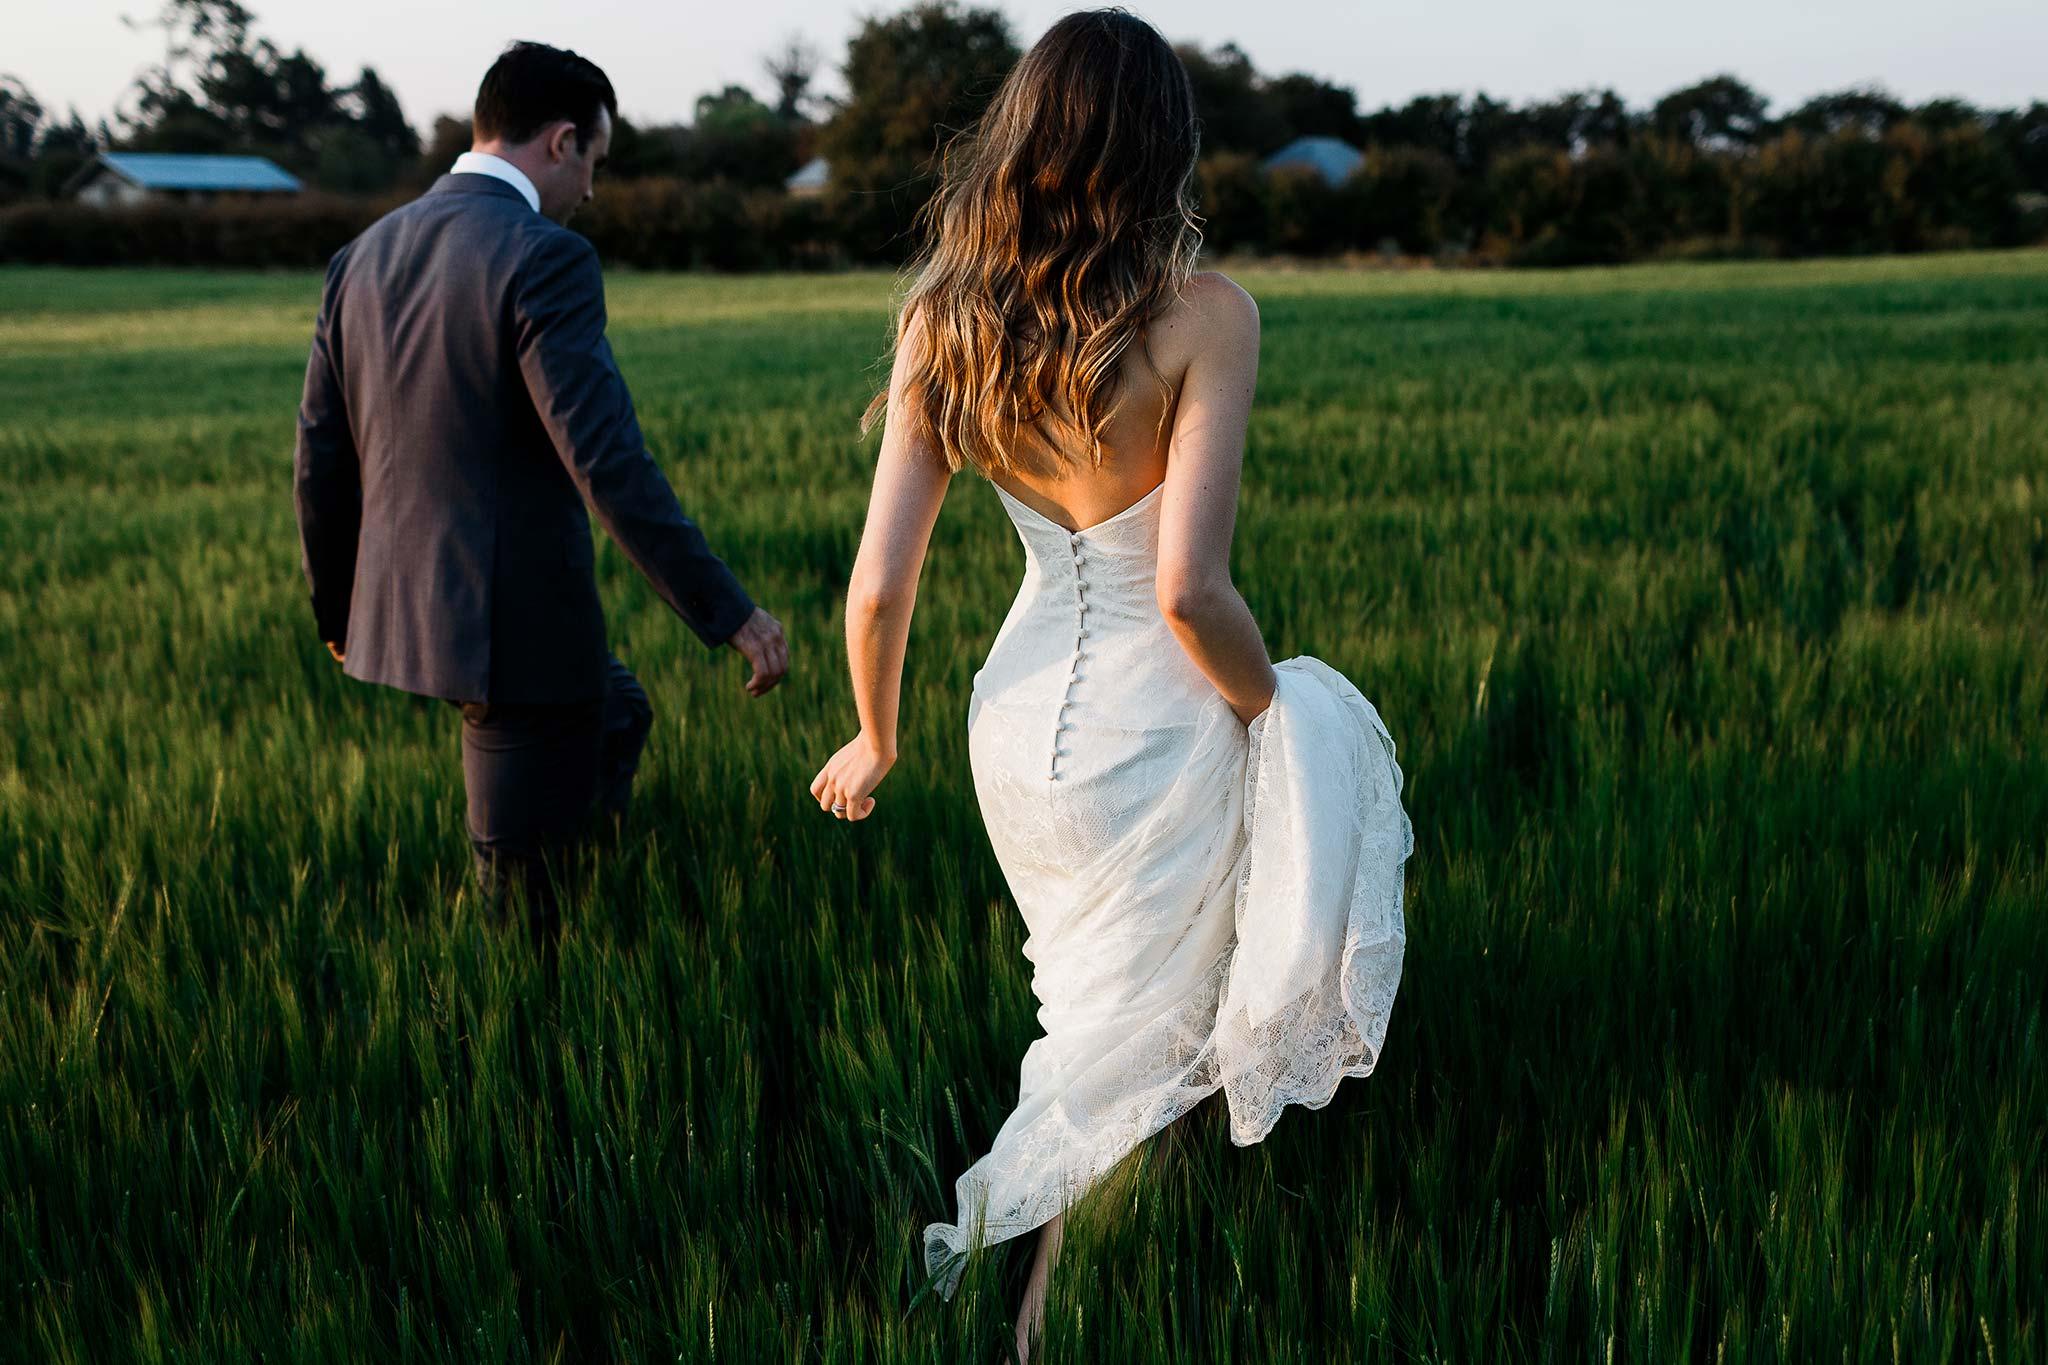 Bek_Burrows_Brickendon_Wedding_017.jpg